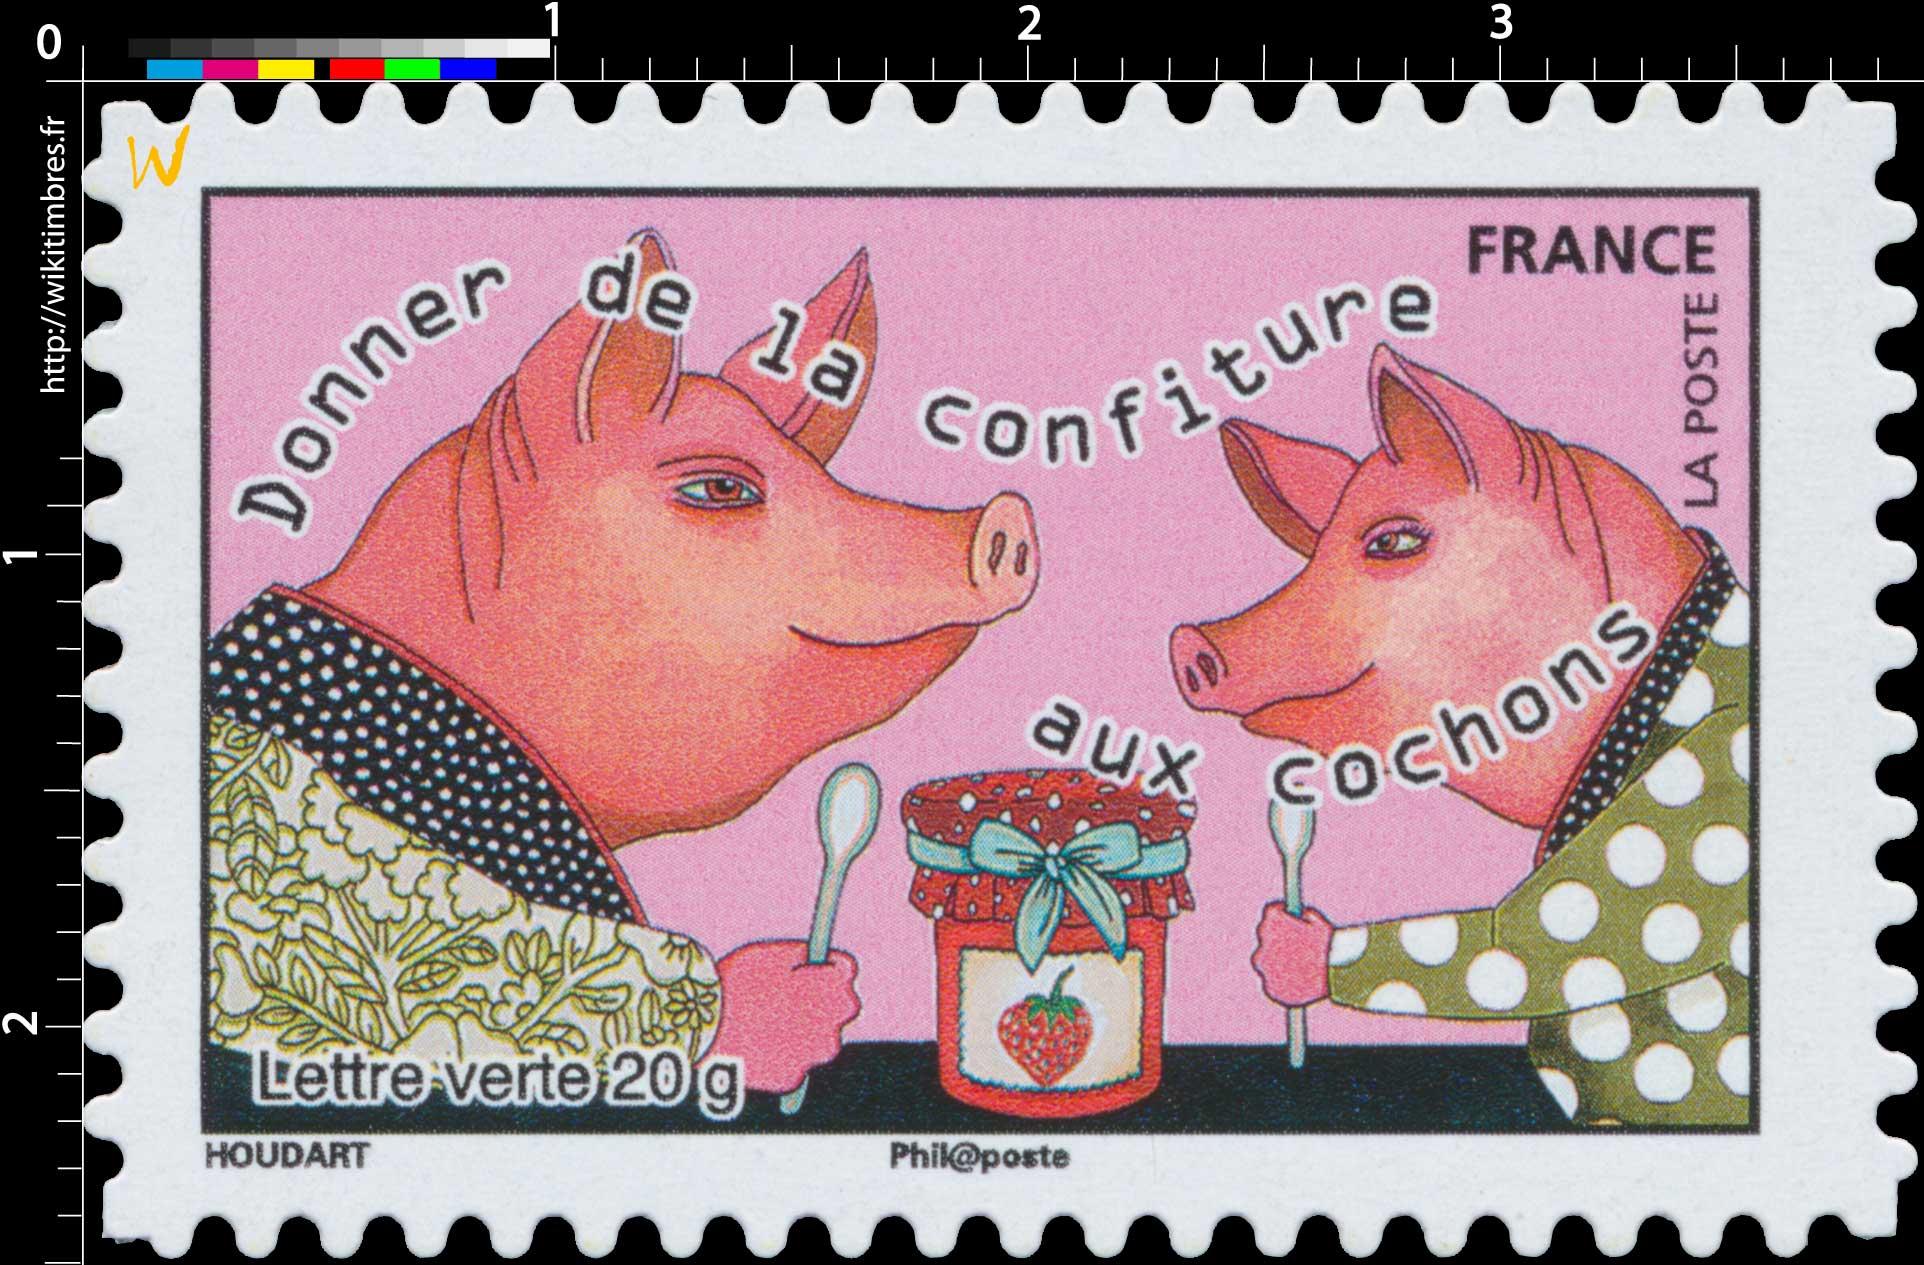 2015 Donner de la confiture aux cochons